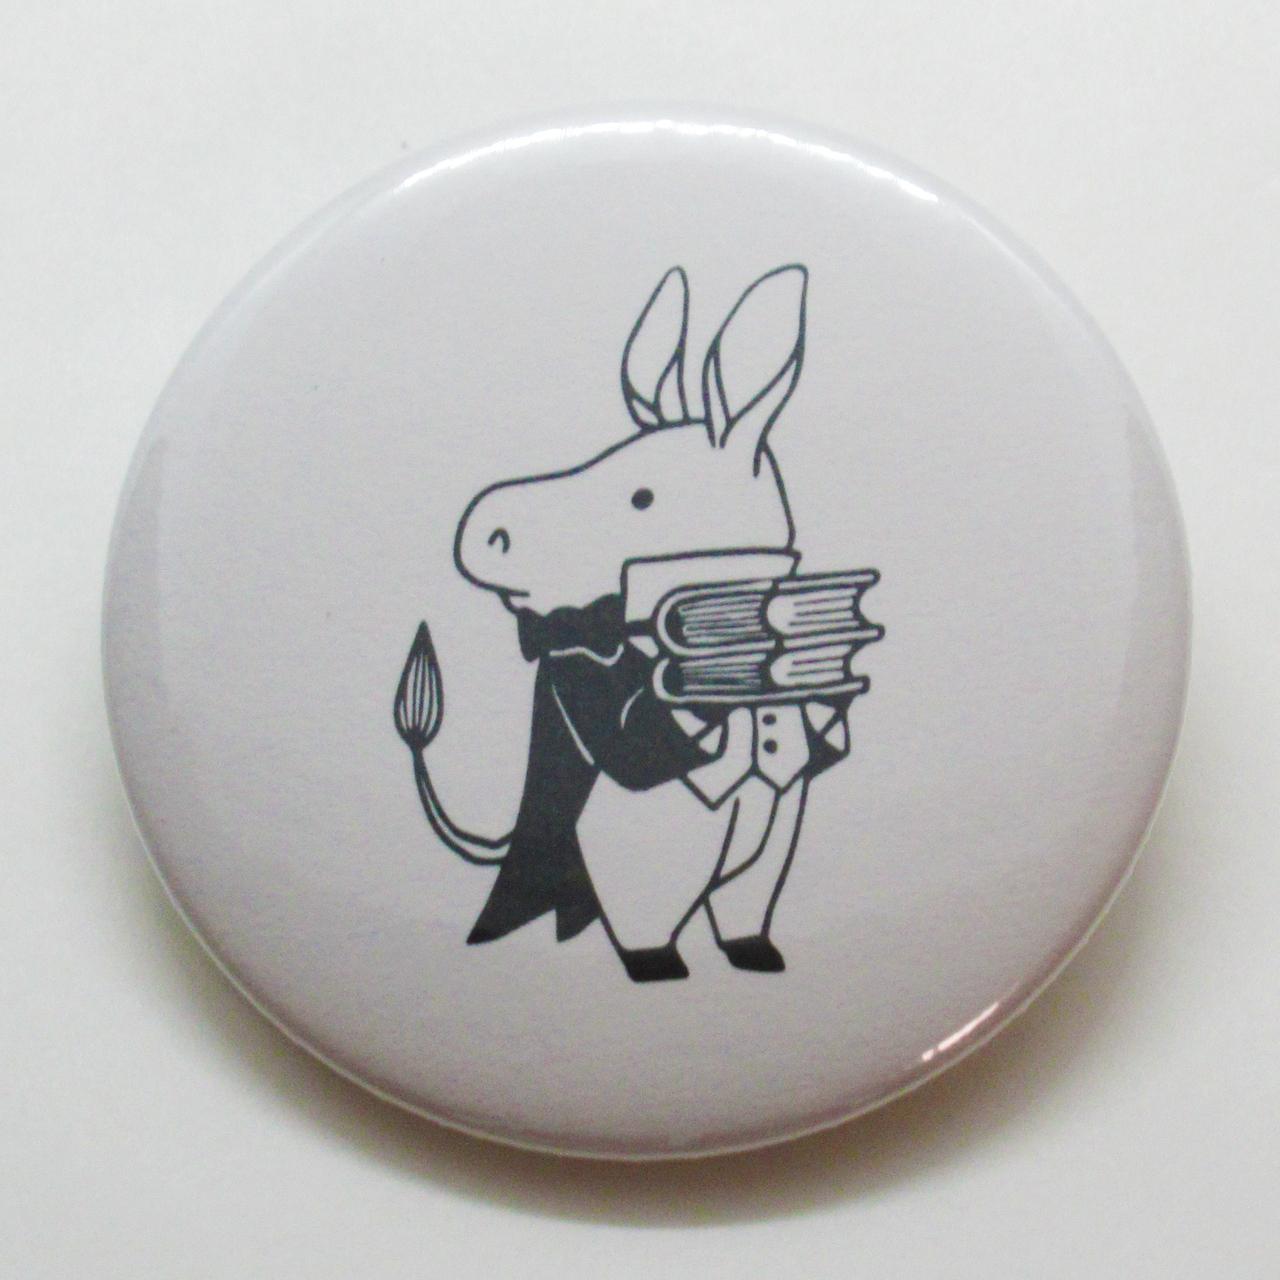 缶バッジ*Animalシリーズ-No.036